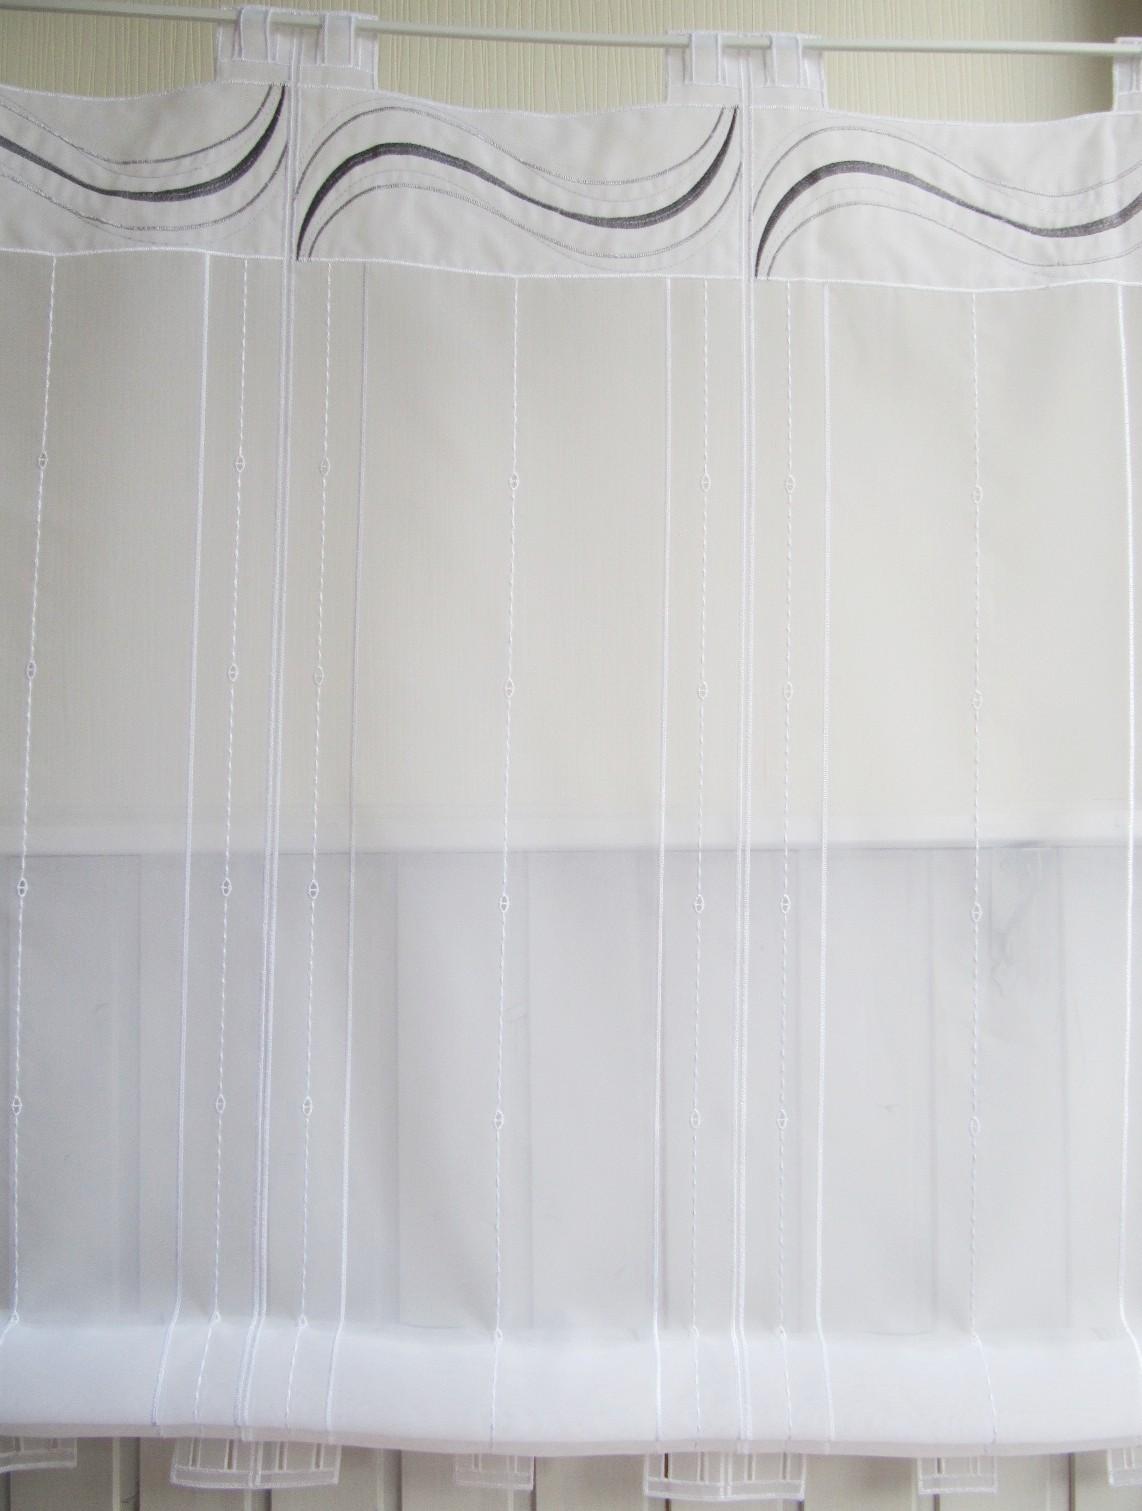 raffrollo grau weiss 145 hoch fenstefertig gen ht von breite ab 29 5 cm bis 206 cm. Black Bedroom Furniture Sets. Home Design Ideas